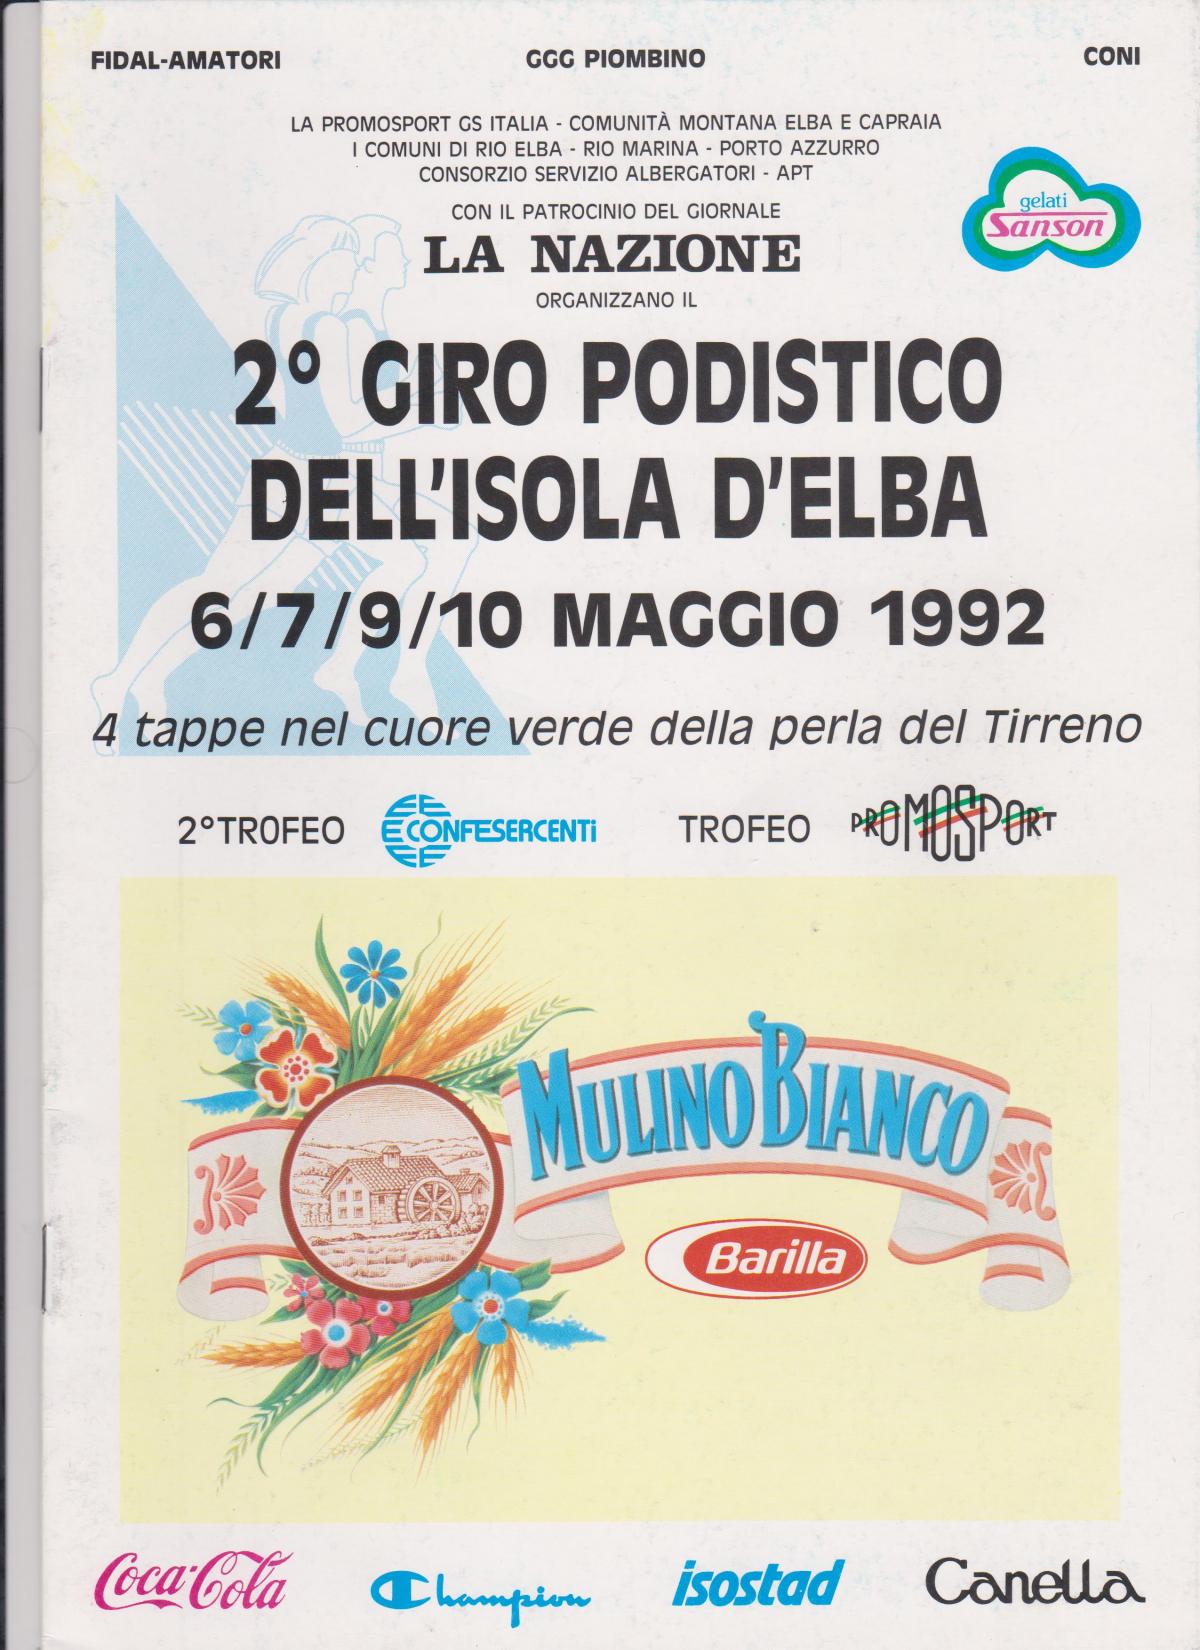 Nella seconda edizione il Giro passa a quattro tappe e si sposta nel mese di Maggio, mese in cui i profumi ed i colori dell'Elba ce la rappresentano nel suo splendore!